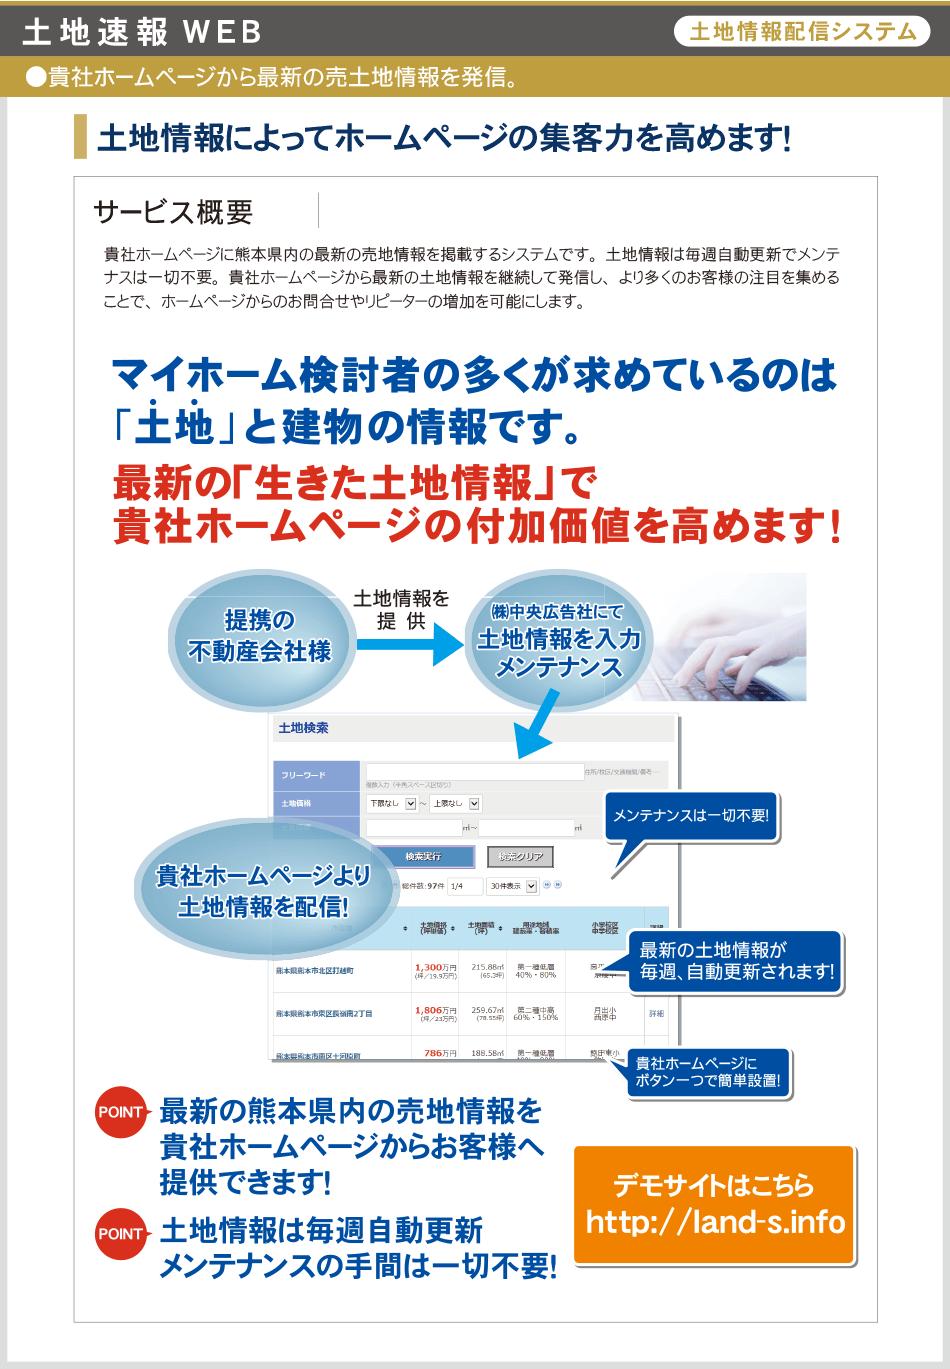 土地情報配信システム「土地速報WEB」